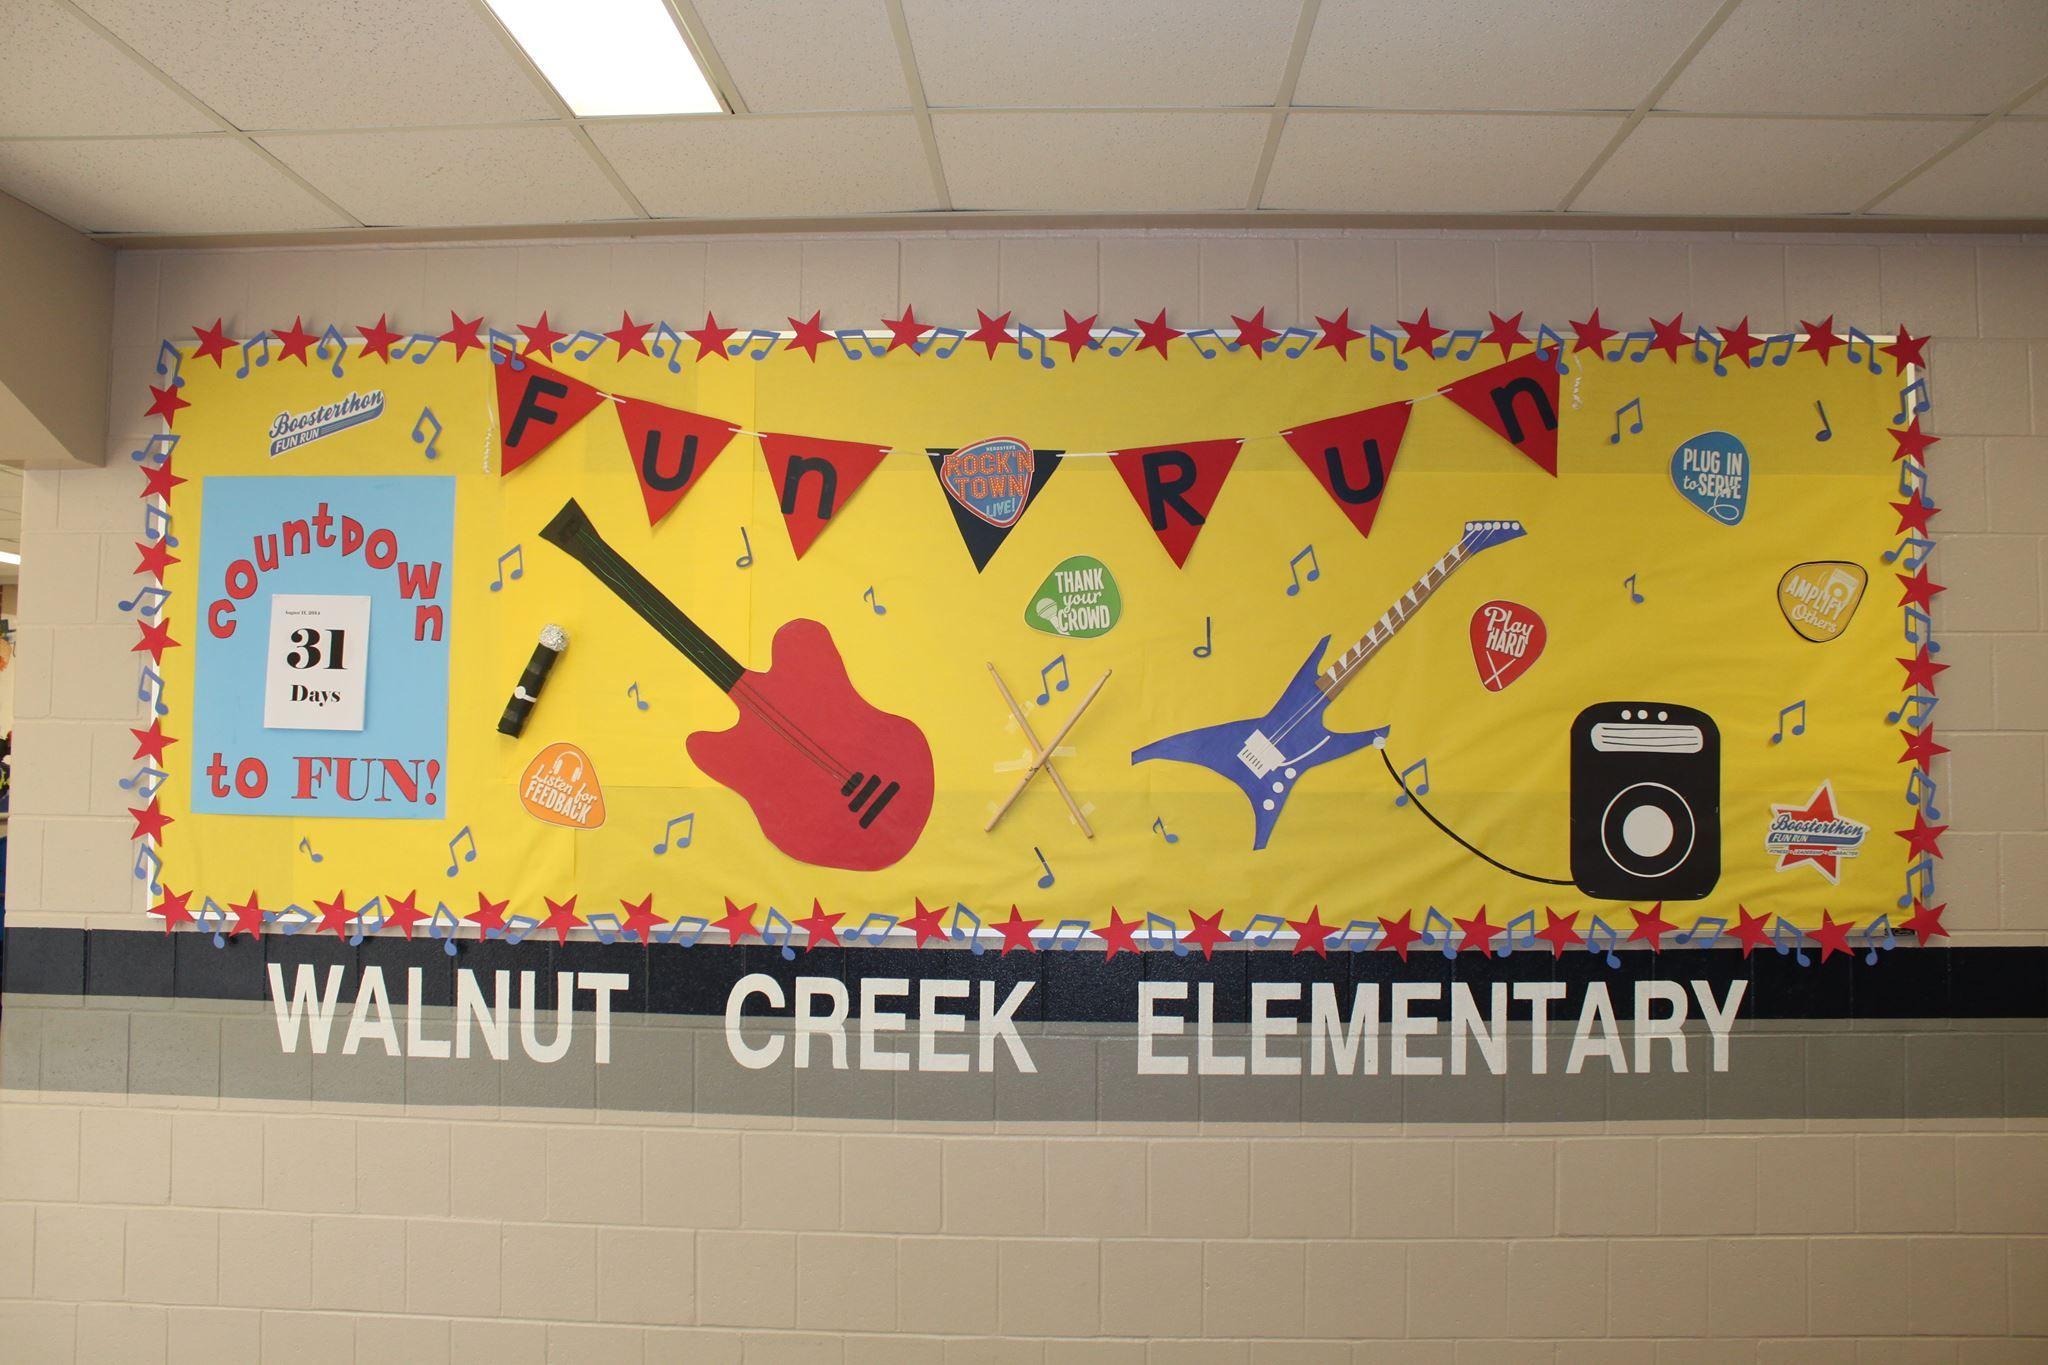 Walnut Creek Elementary in Papillion, NE!